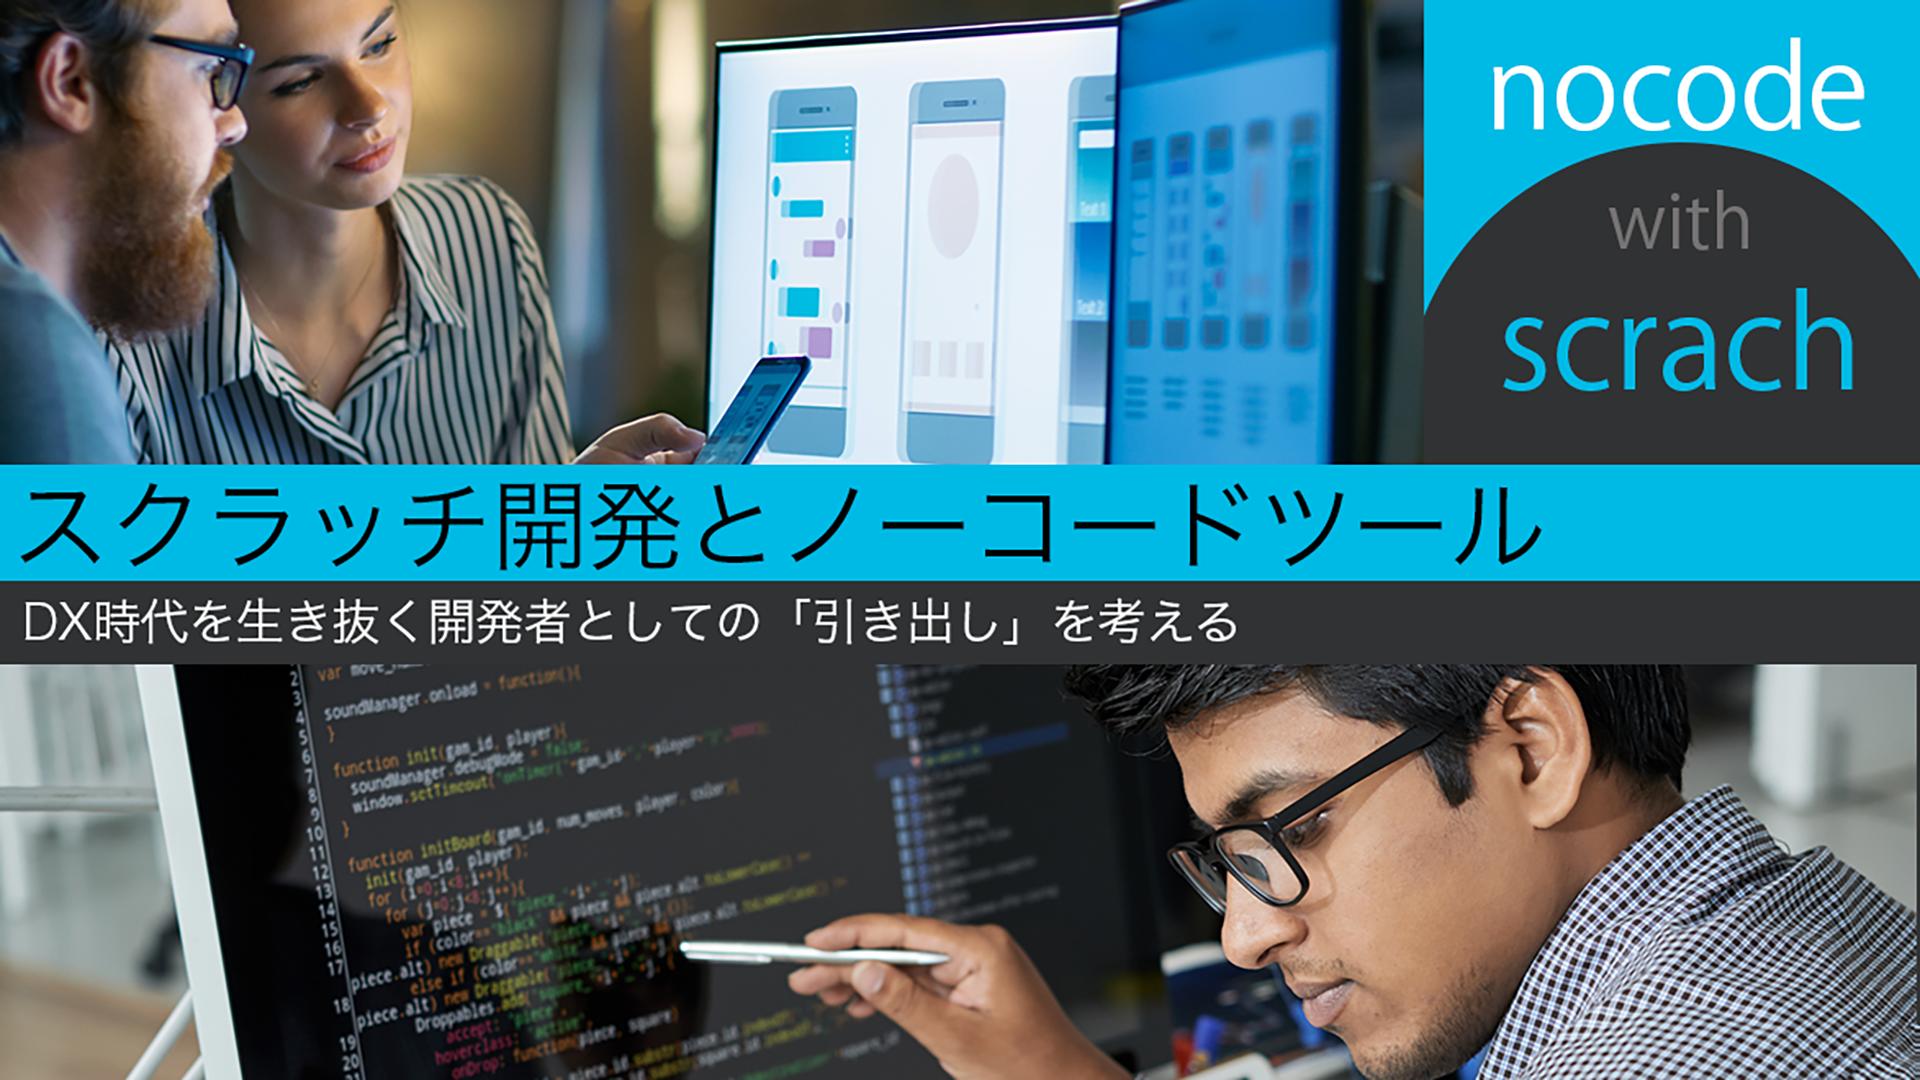 「スクラッチ開発」と「ノーコード開発」それぞれの最適な使い方がわかる